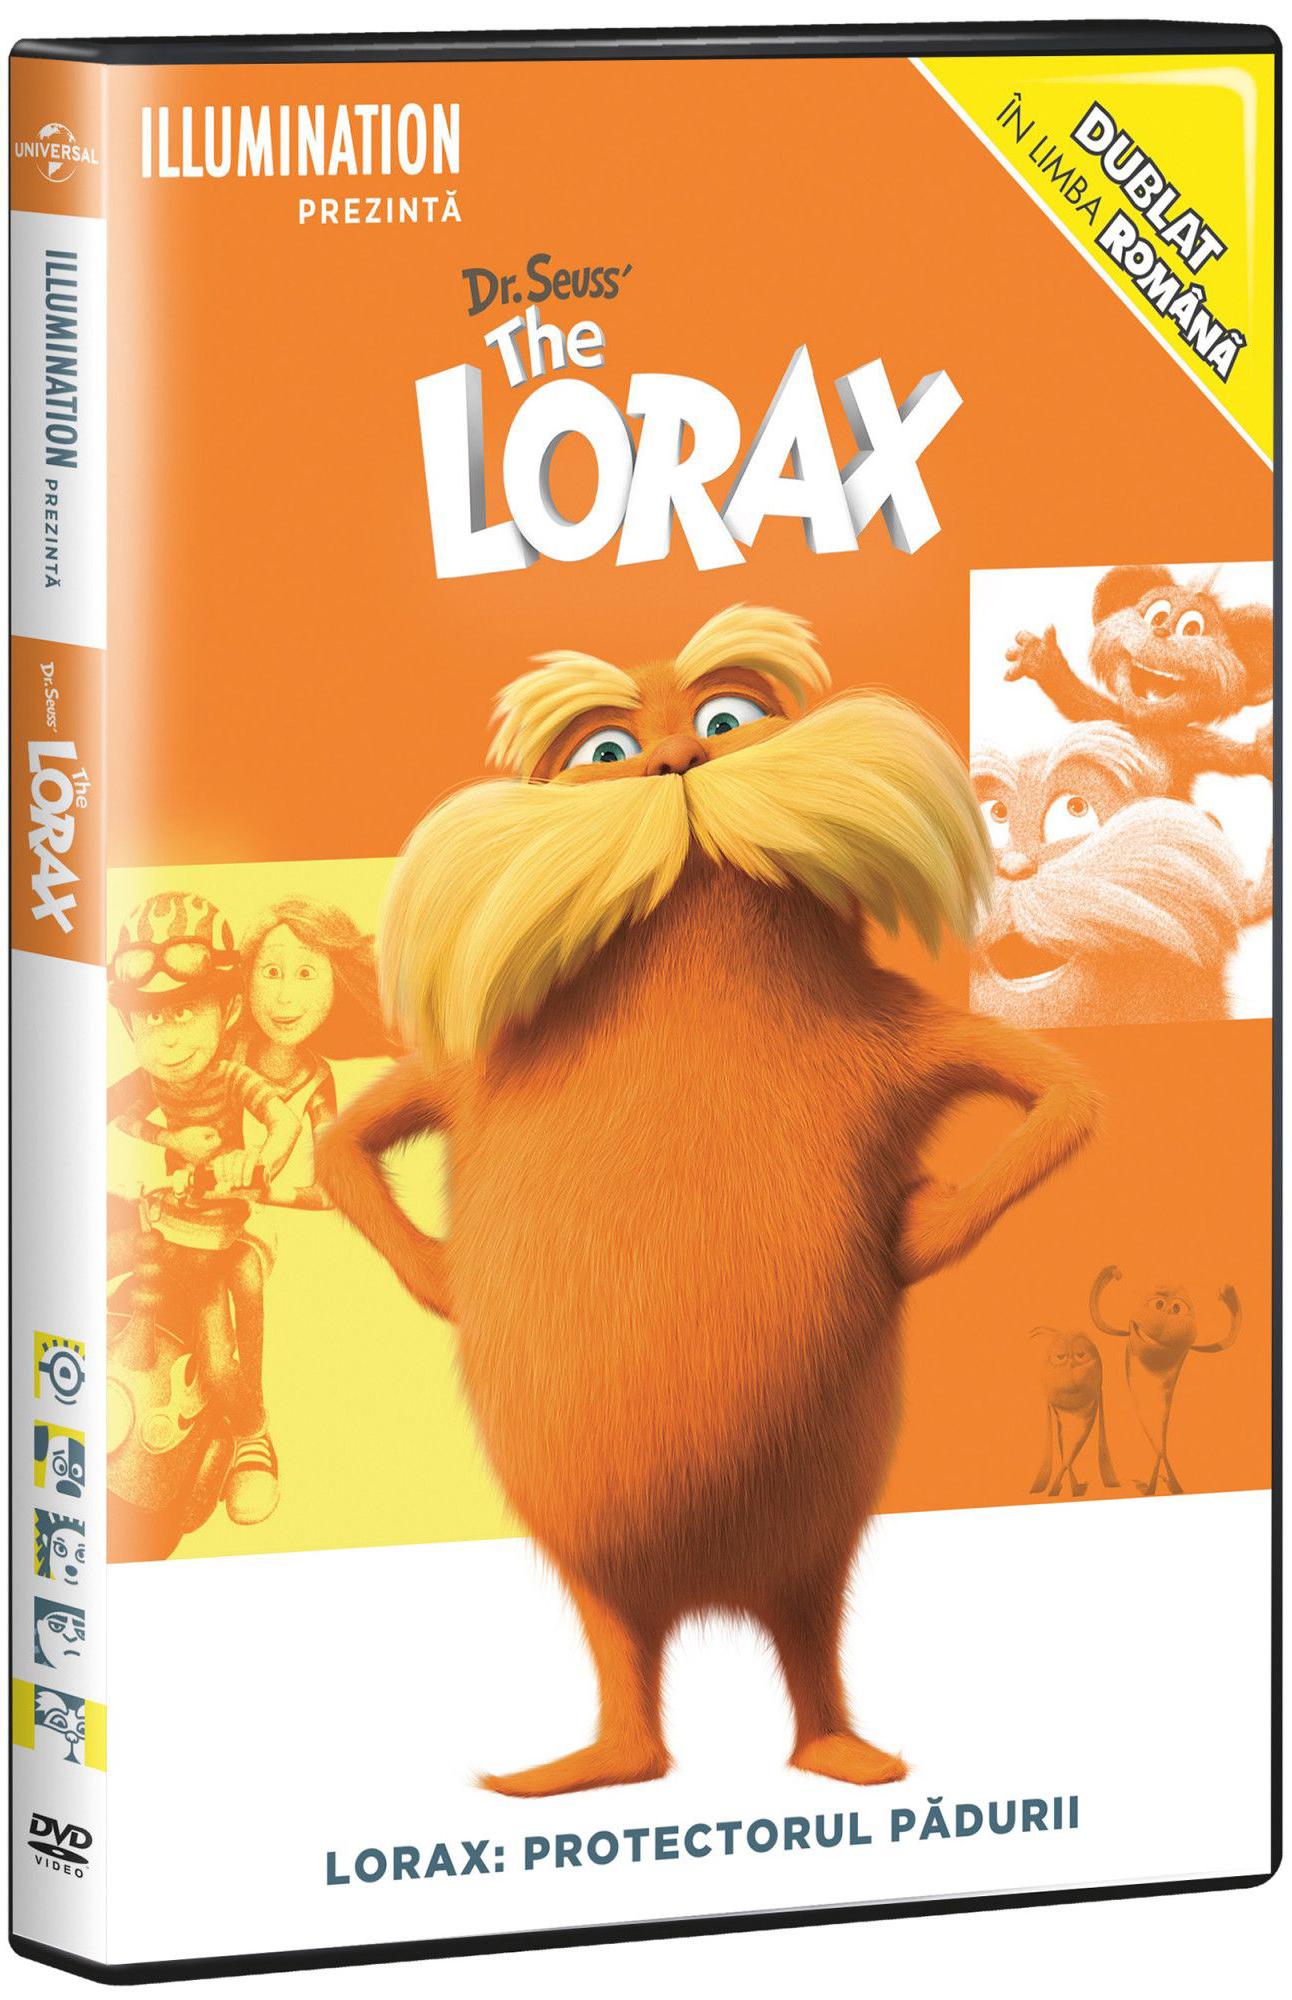 Lorax / The Lorax